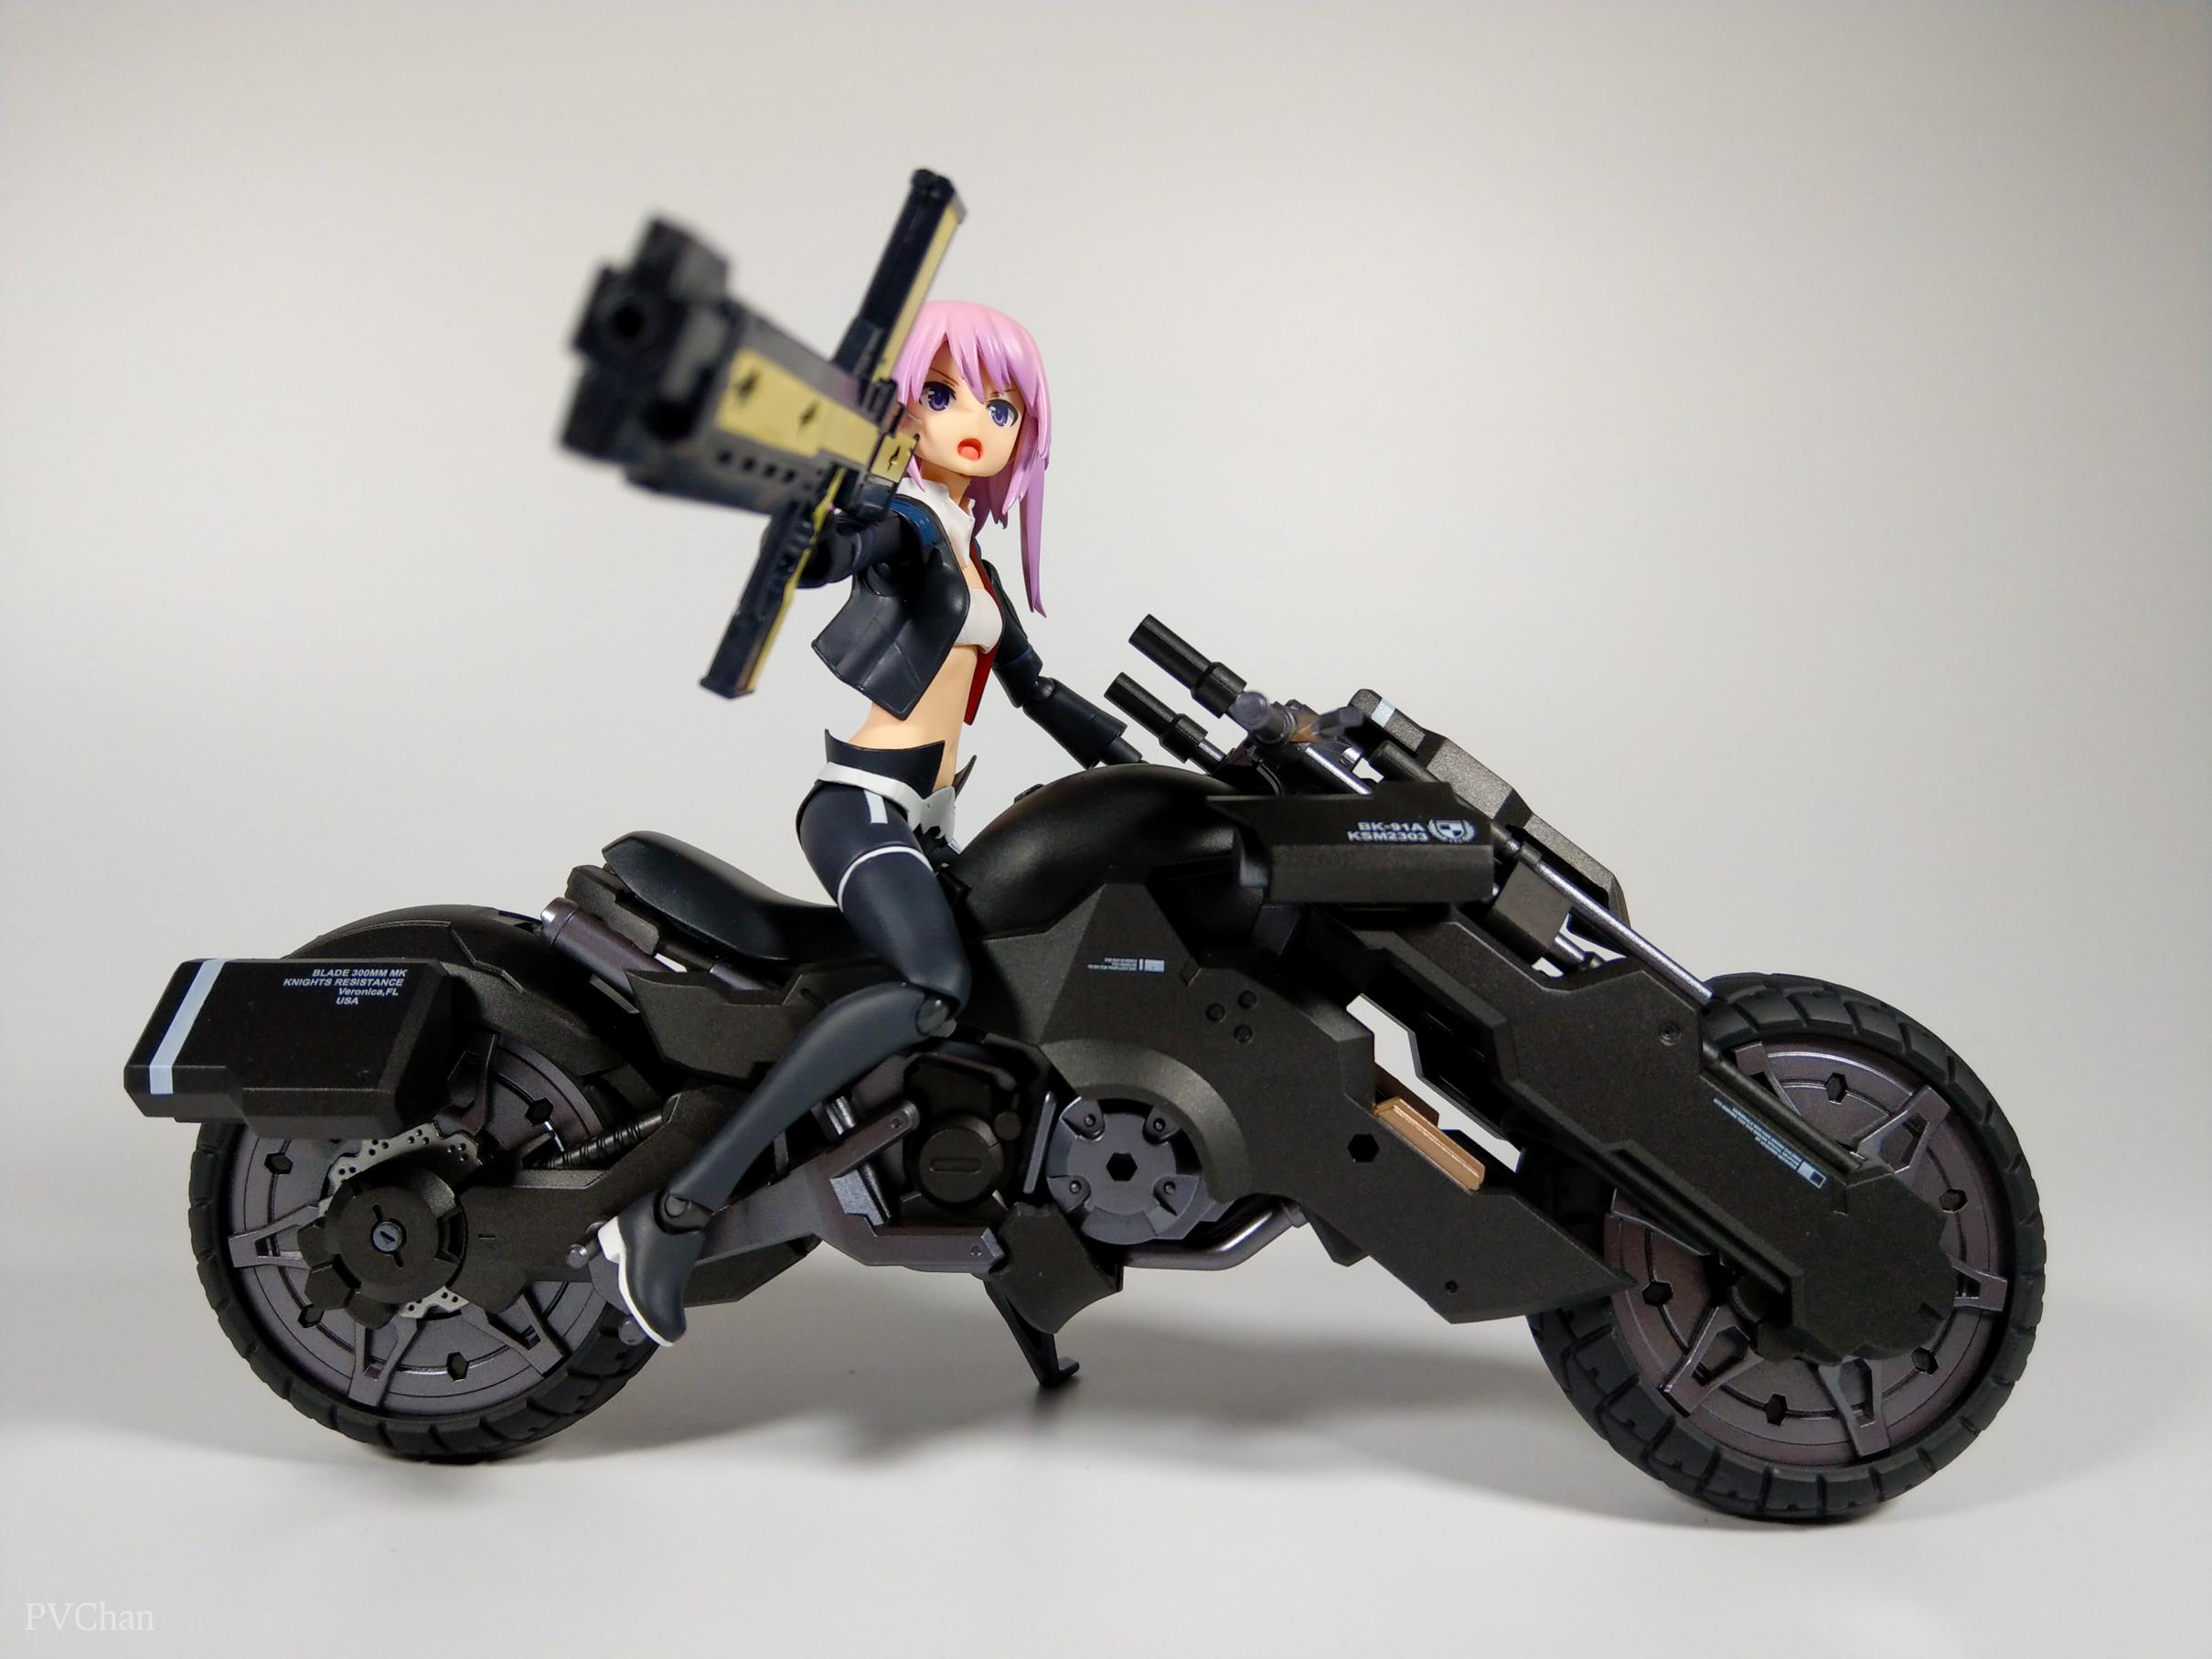 Необычное пополнение коллекции - байк из серии ex:ride от Max Factory. - Изображение 33